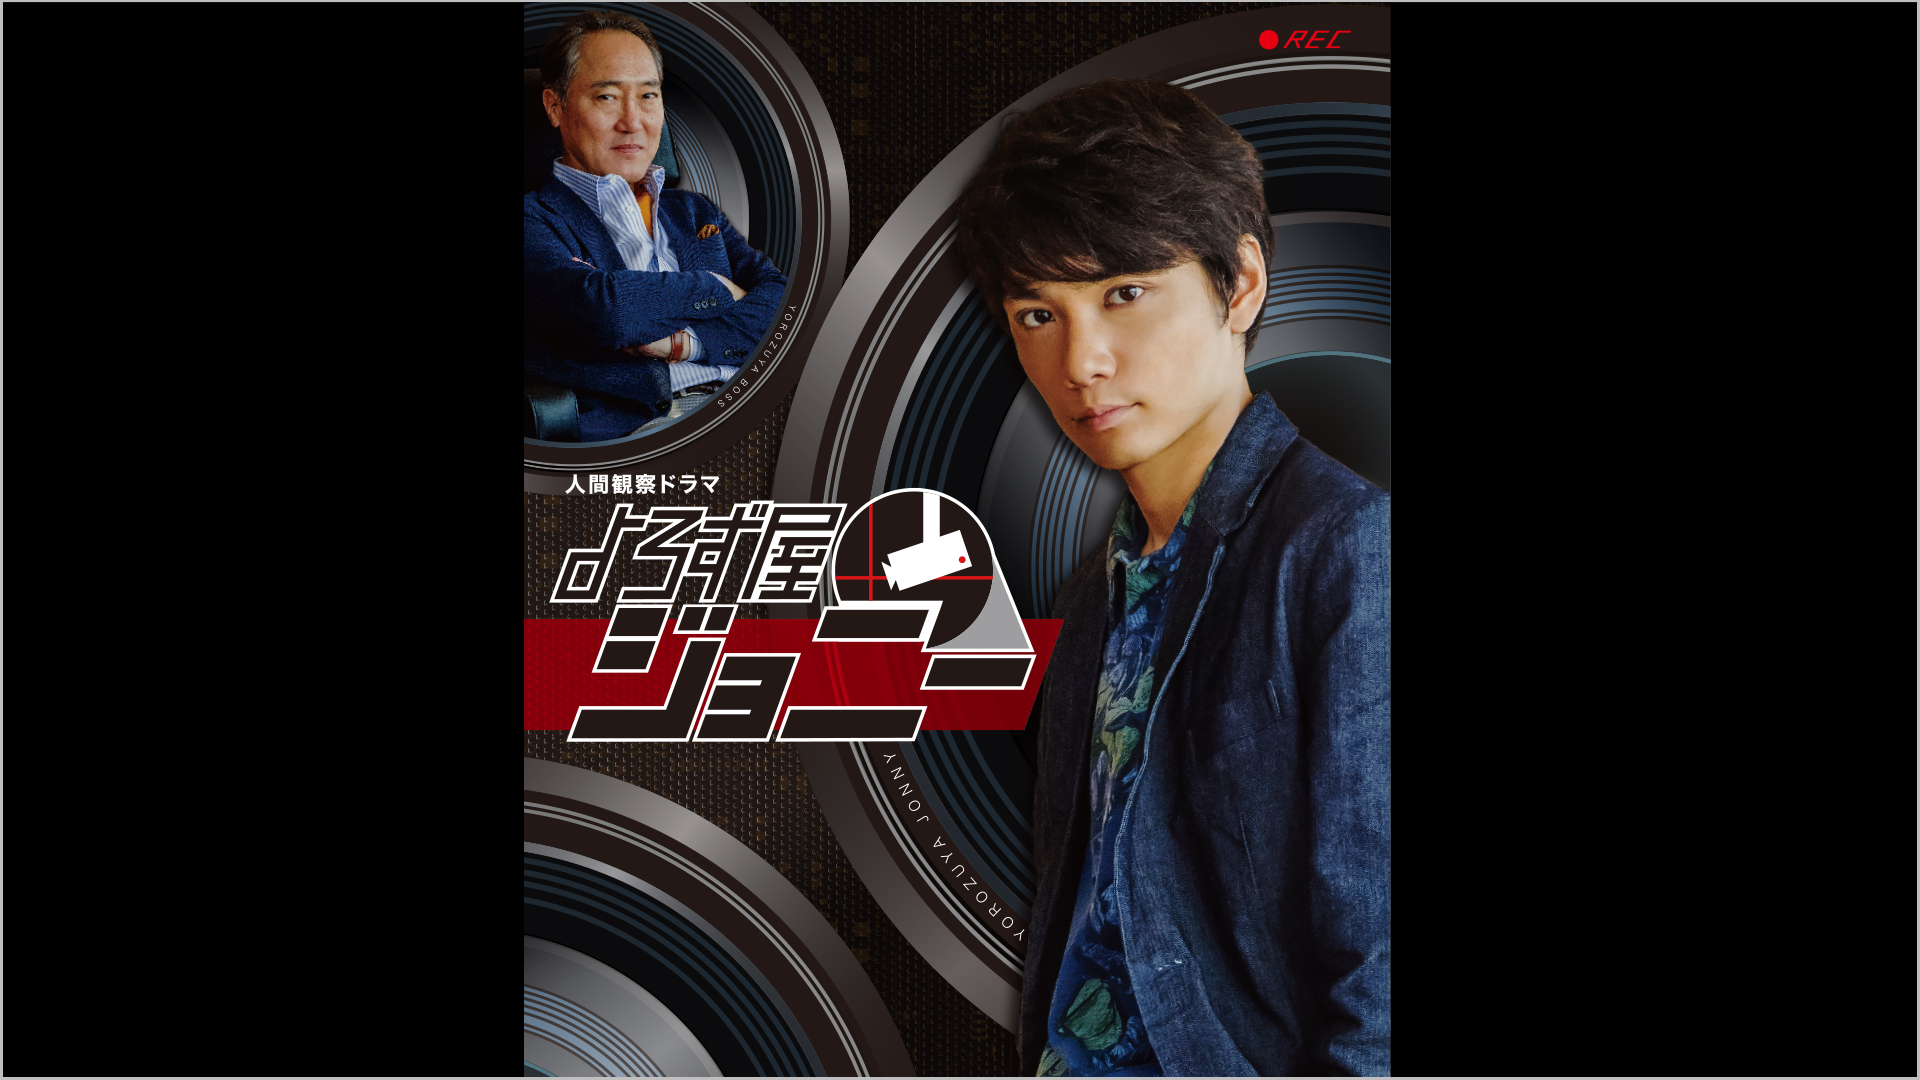 オリジナルドラマ「よろず屋ジョニー」 第1話「ジョニー、マンションを覗く」